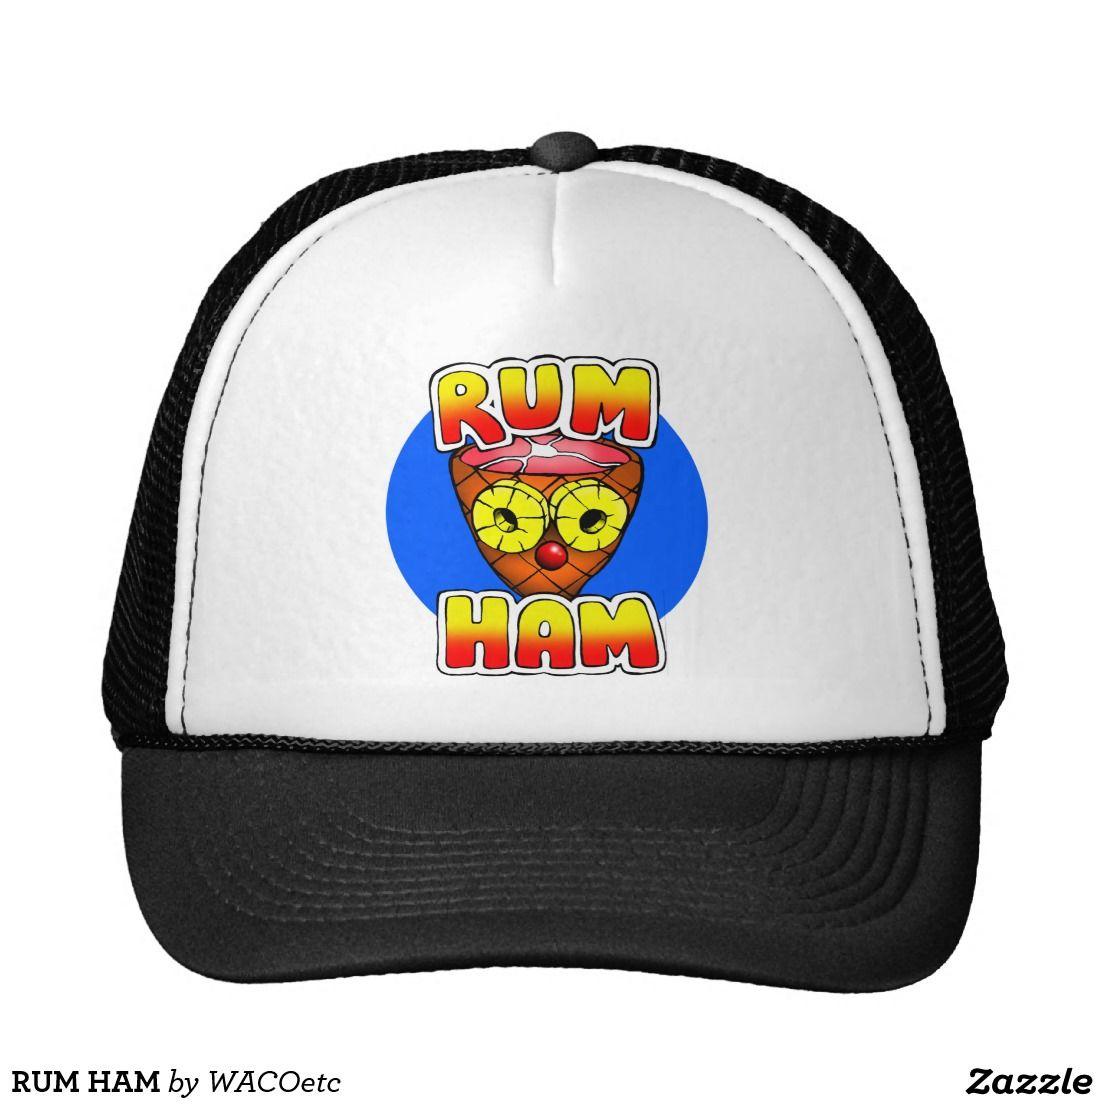 Rum Ham Trucker Hat | Pinterest | Rum, Trucker hats and Hams